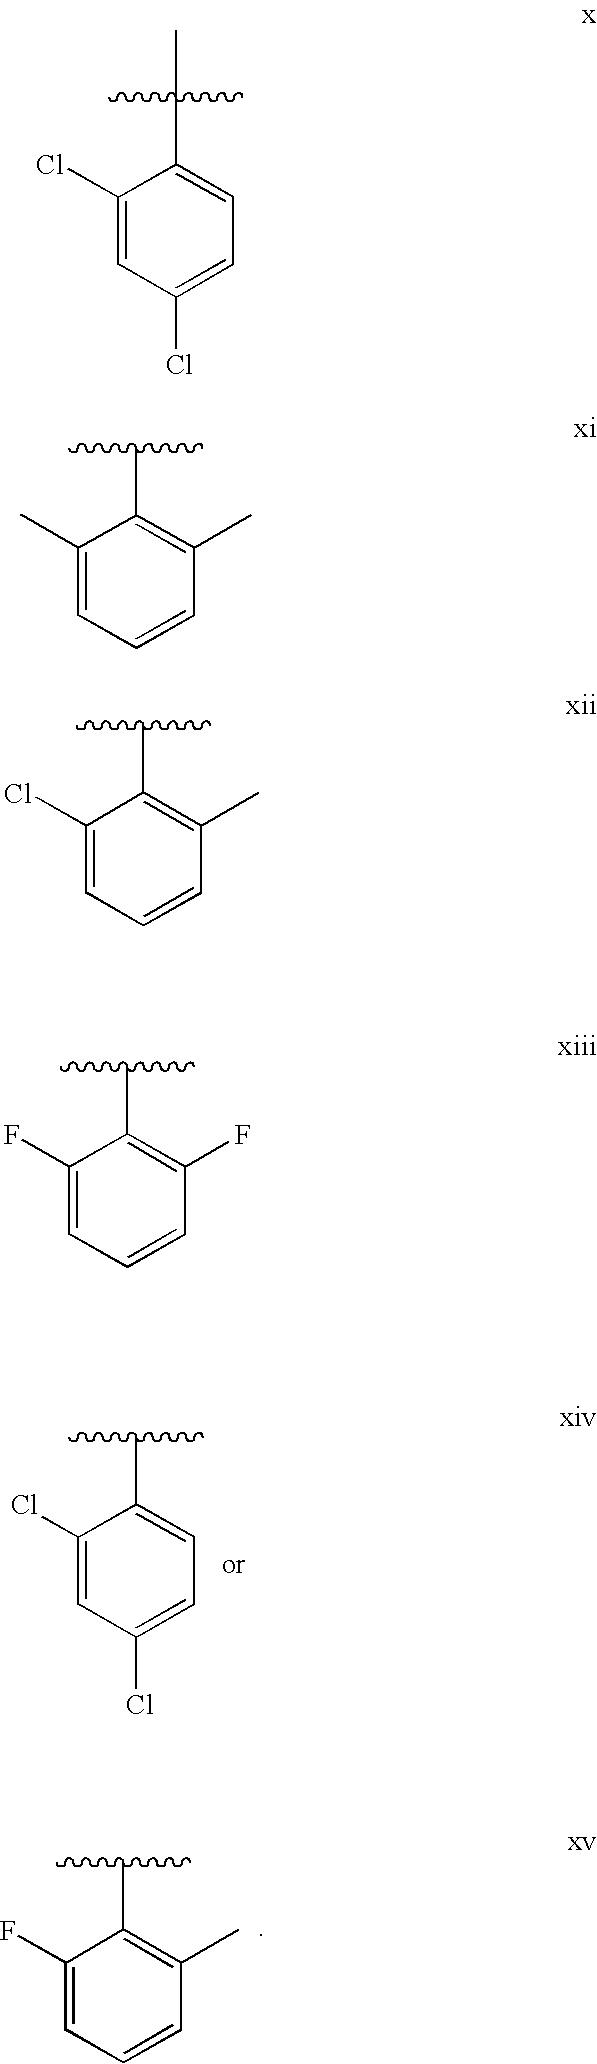 Figure US07396857-20080708-C00009